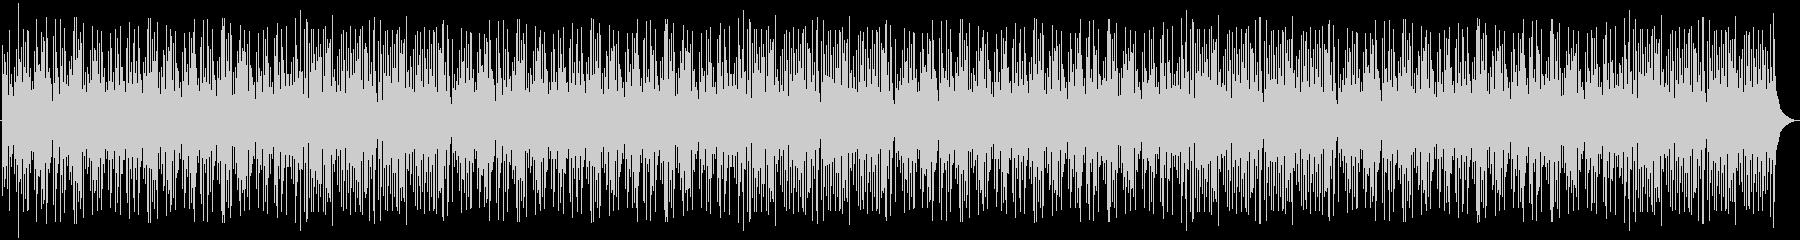 和風のリラックスBGMの未再生の波形